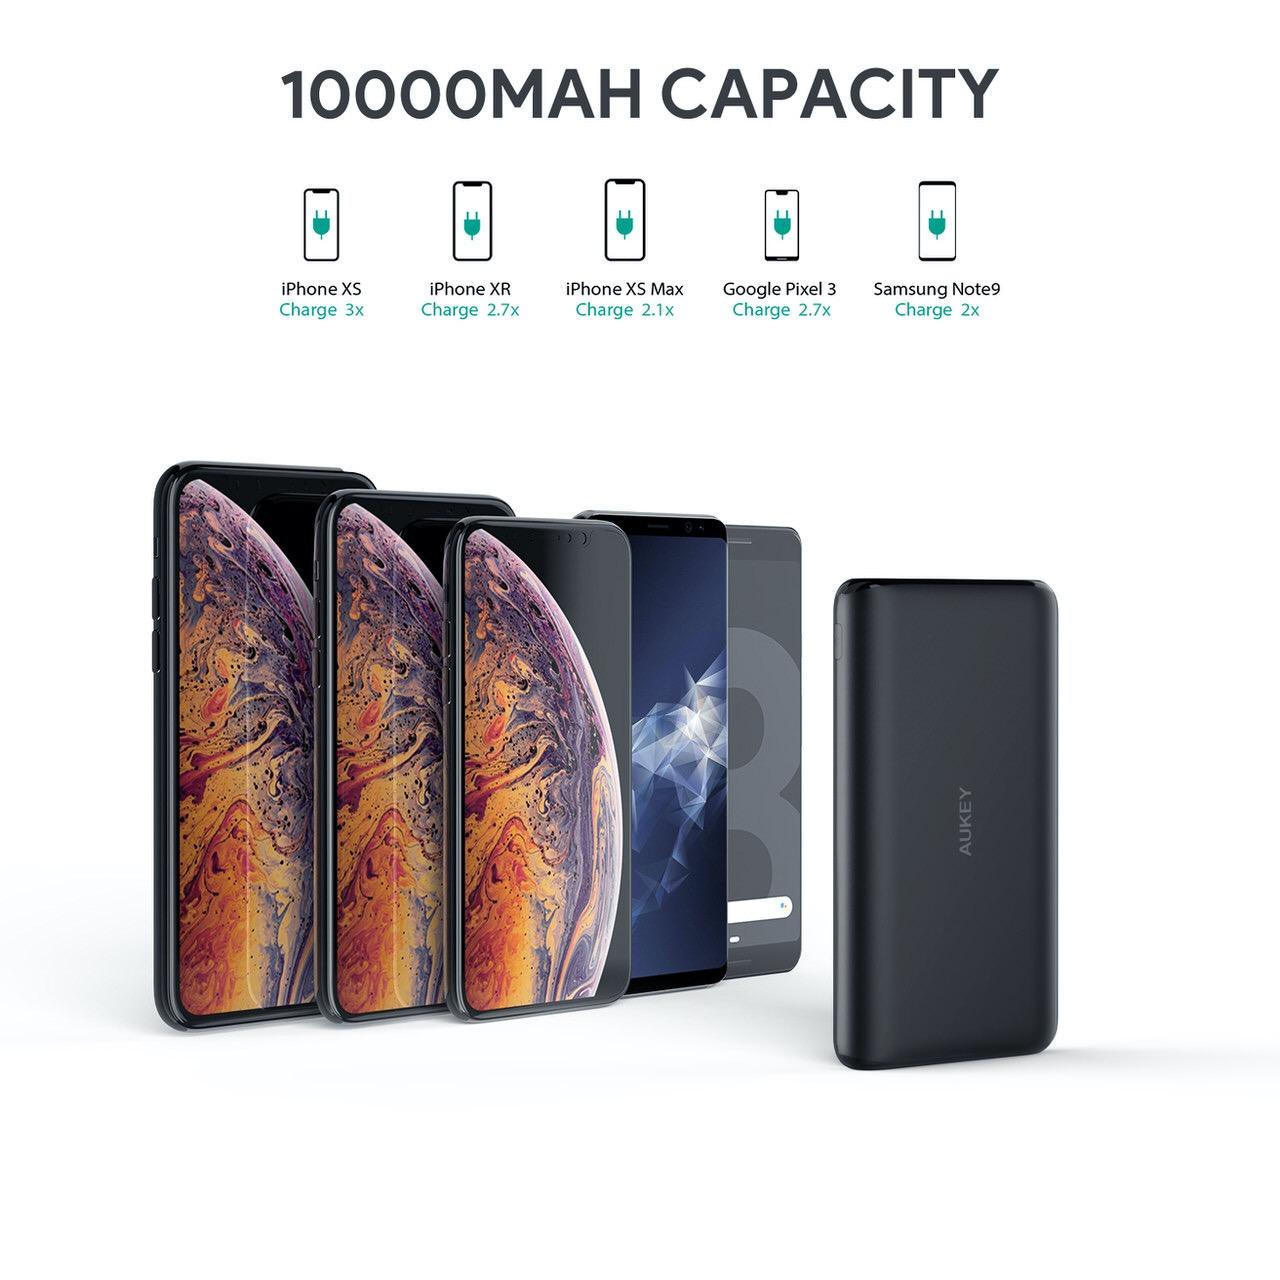 AUKEY、USB-C搭載&10,000mAhのコンパクトなモバイルバッテリー「PB-XN10」34%オフで1,980円になるセール開催中(6/10まで)